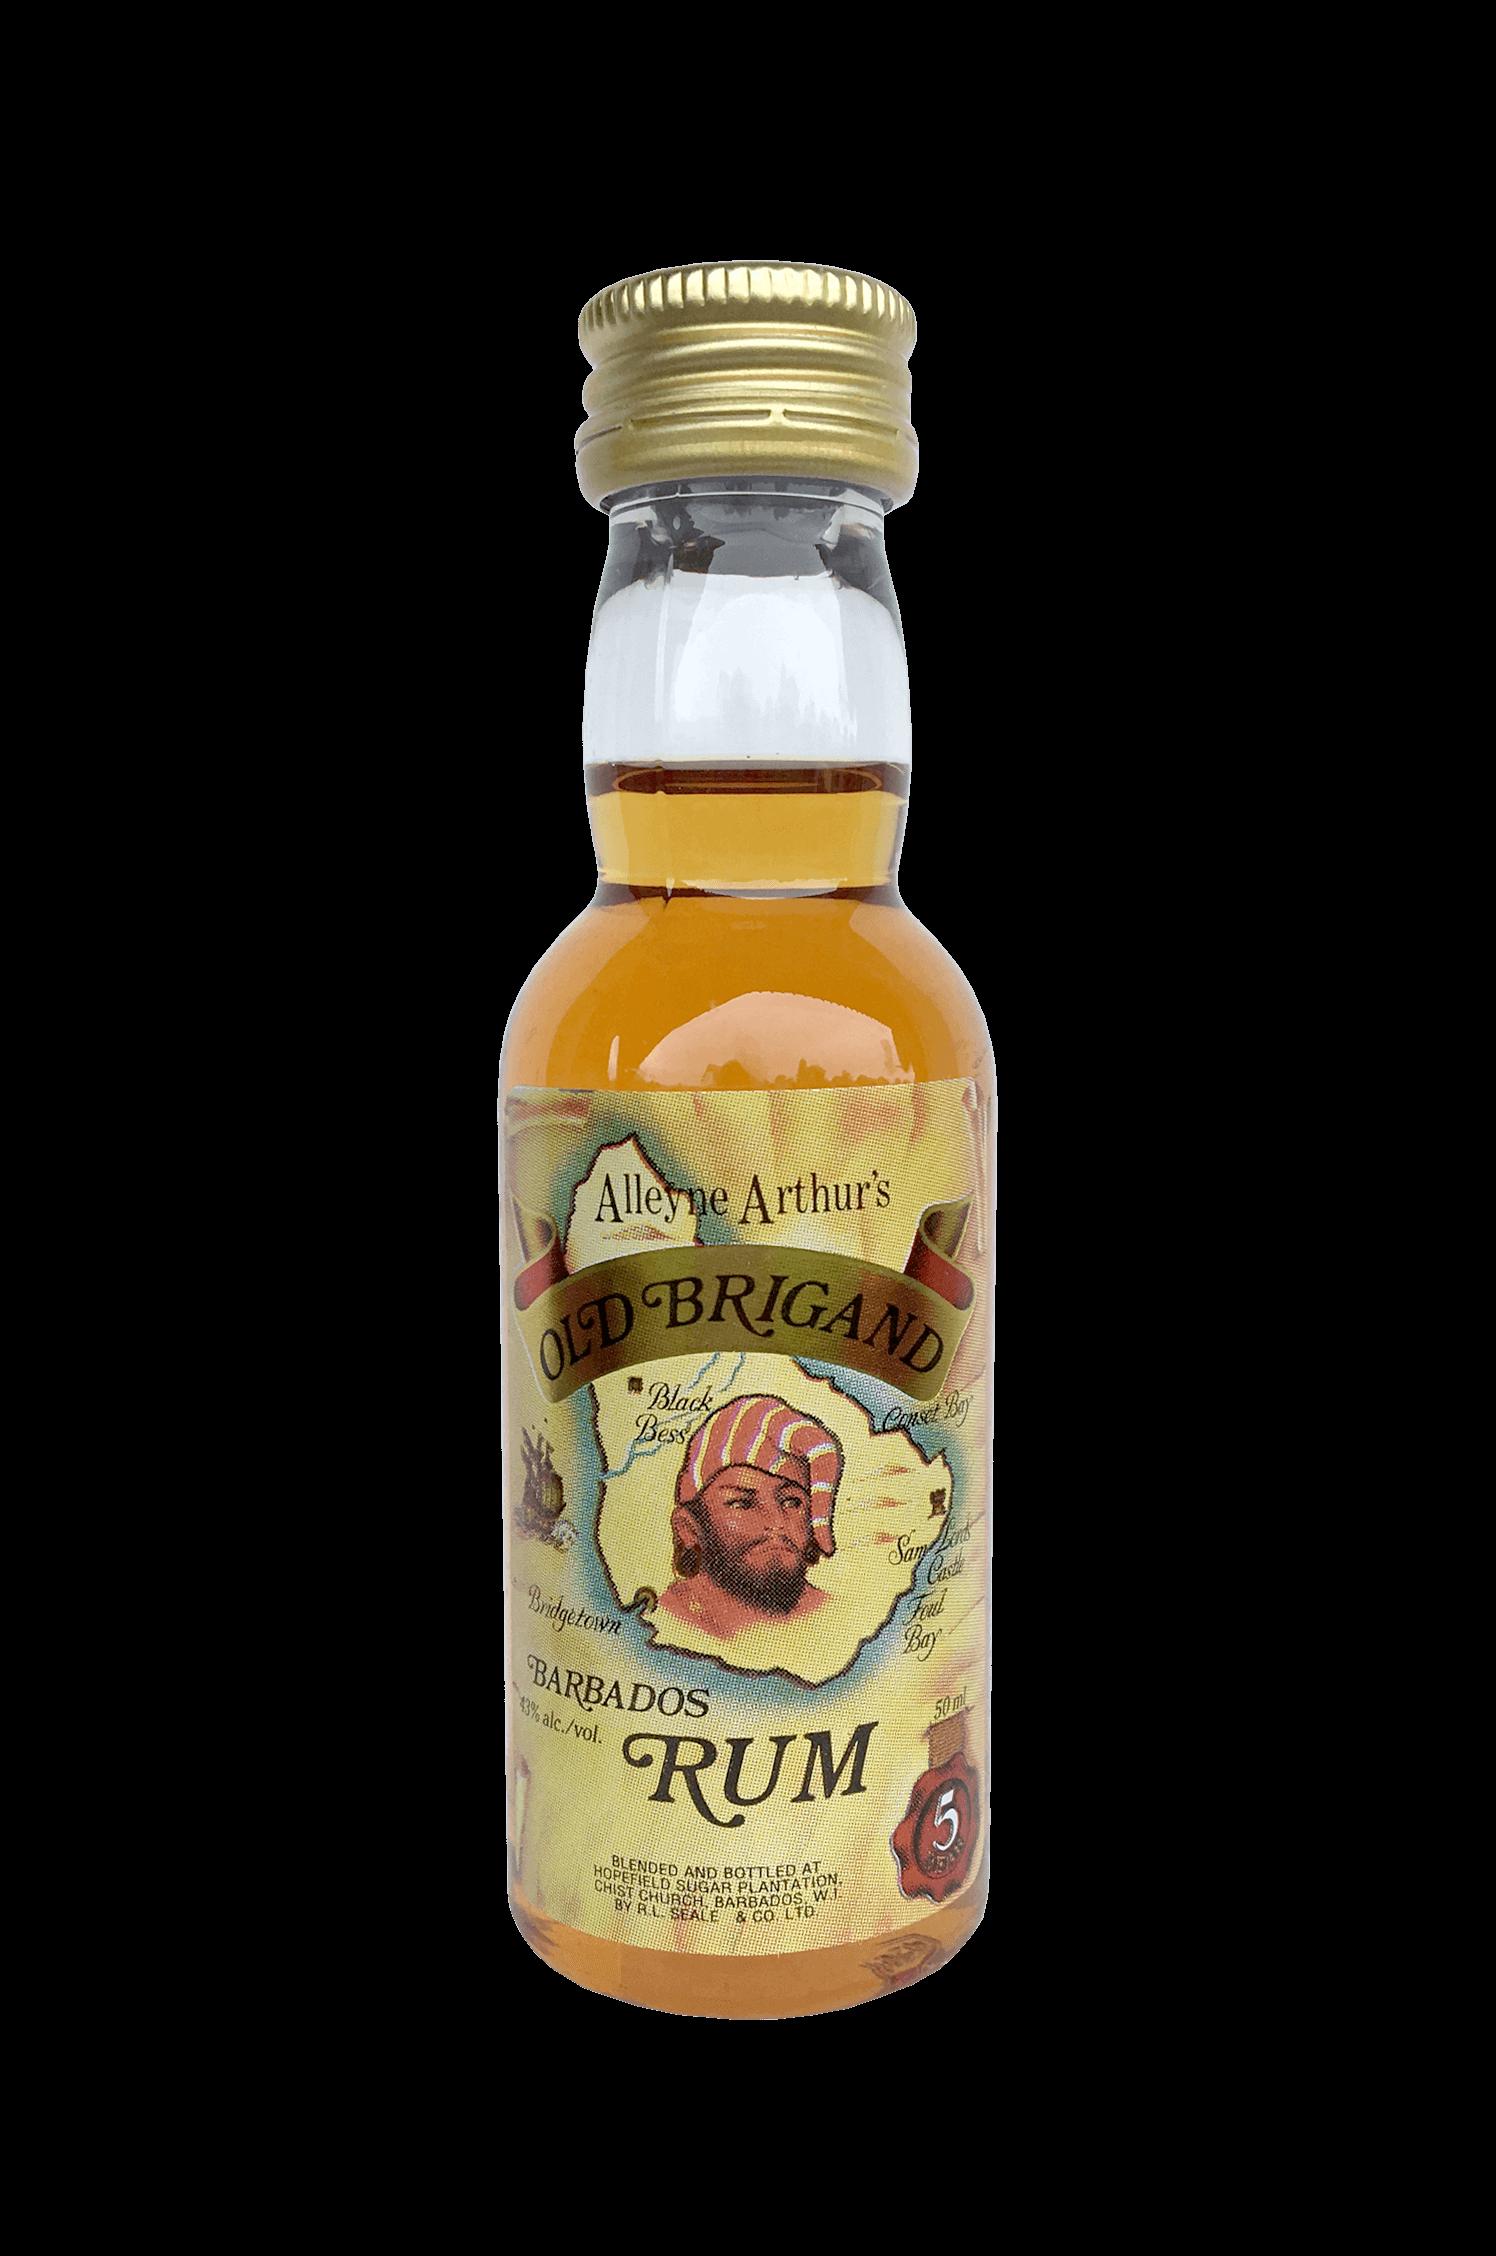 Old Brigand Rum